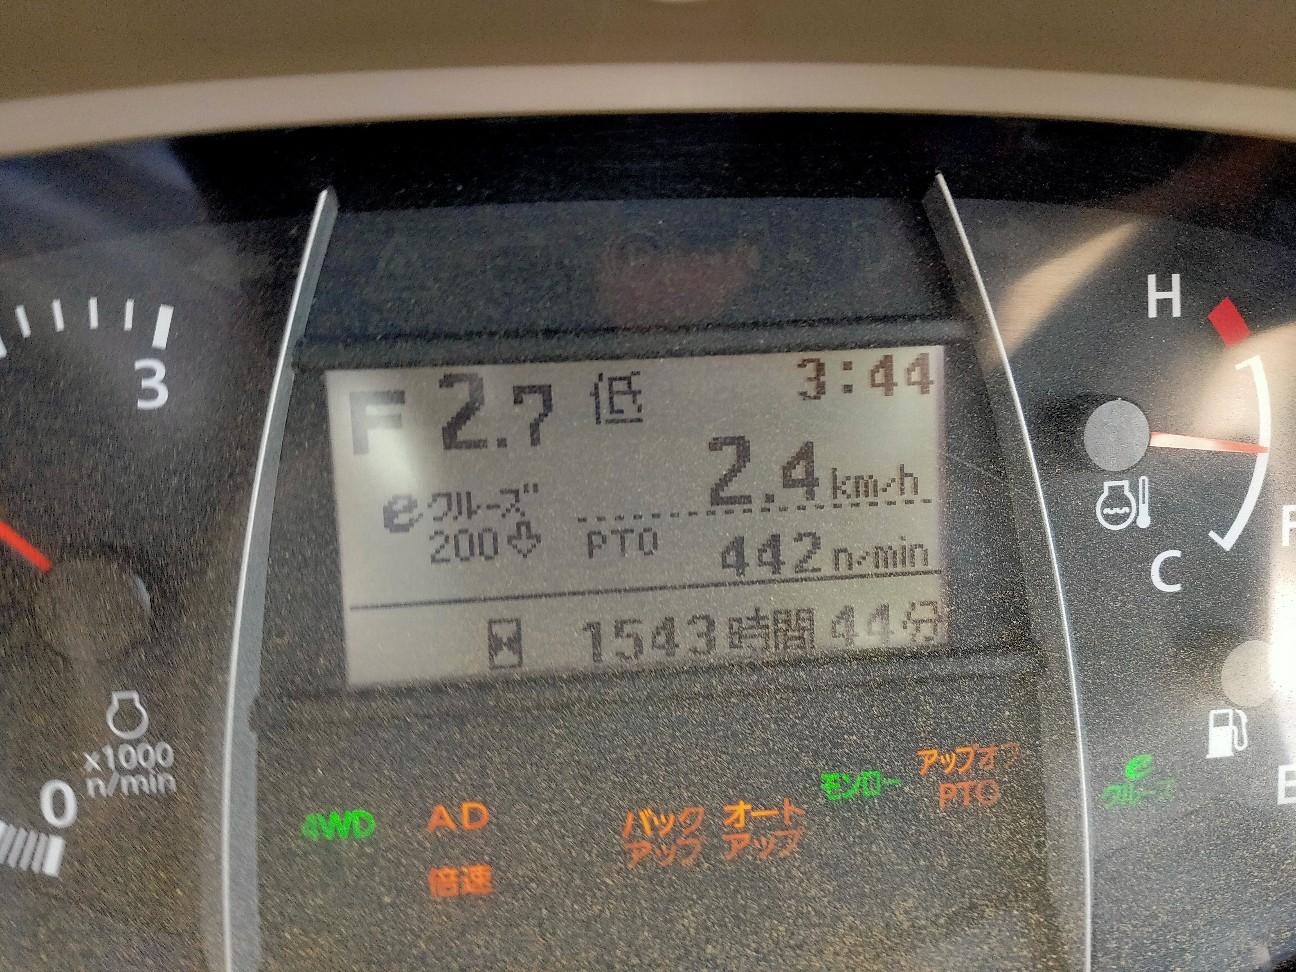 f:id:shingo_shiraishi:20210428212929j:image